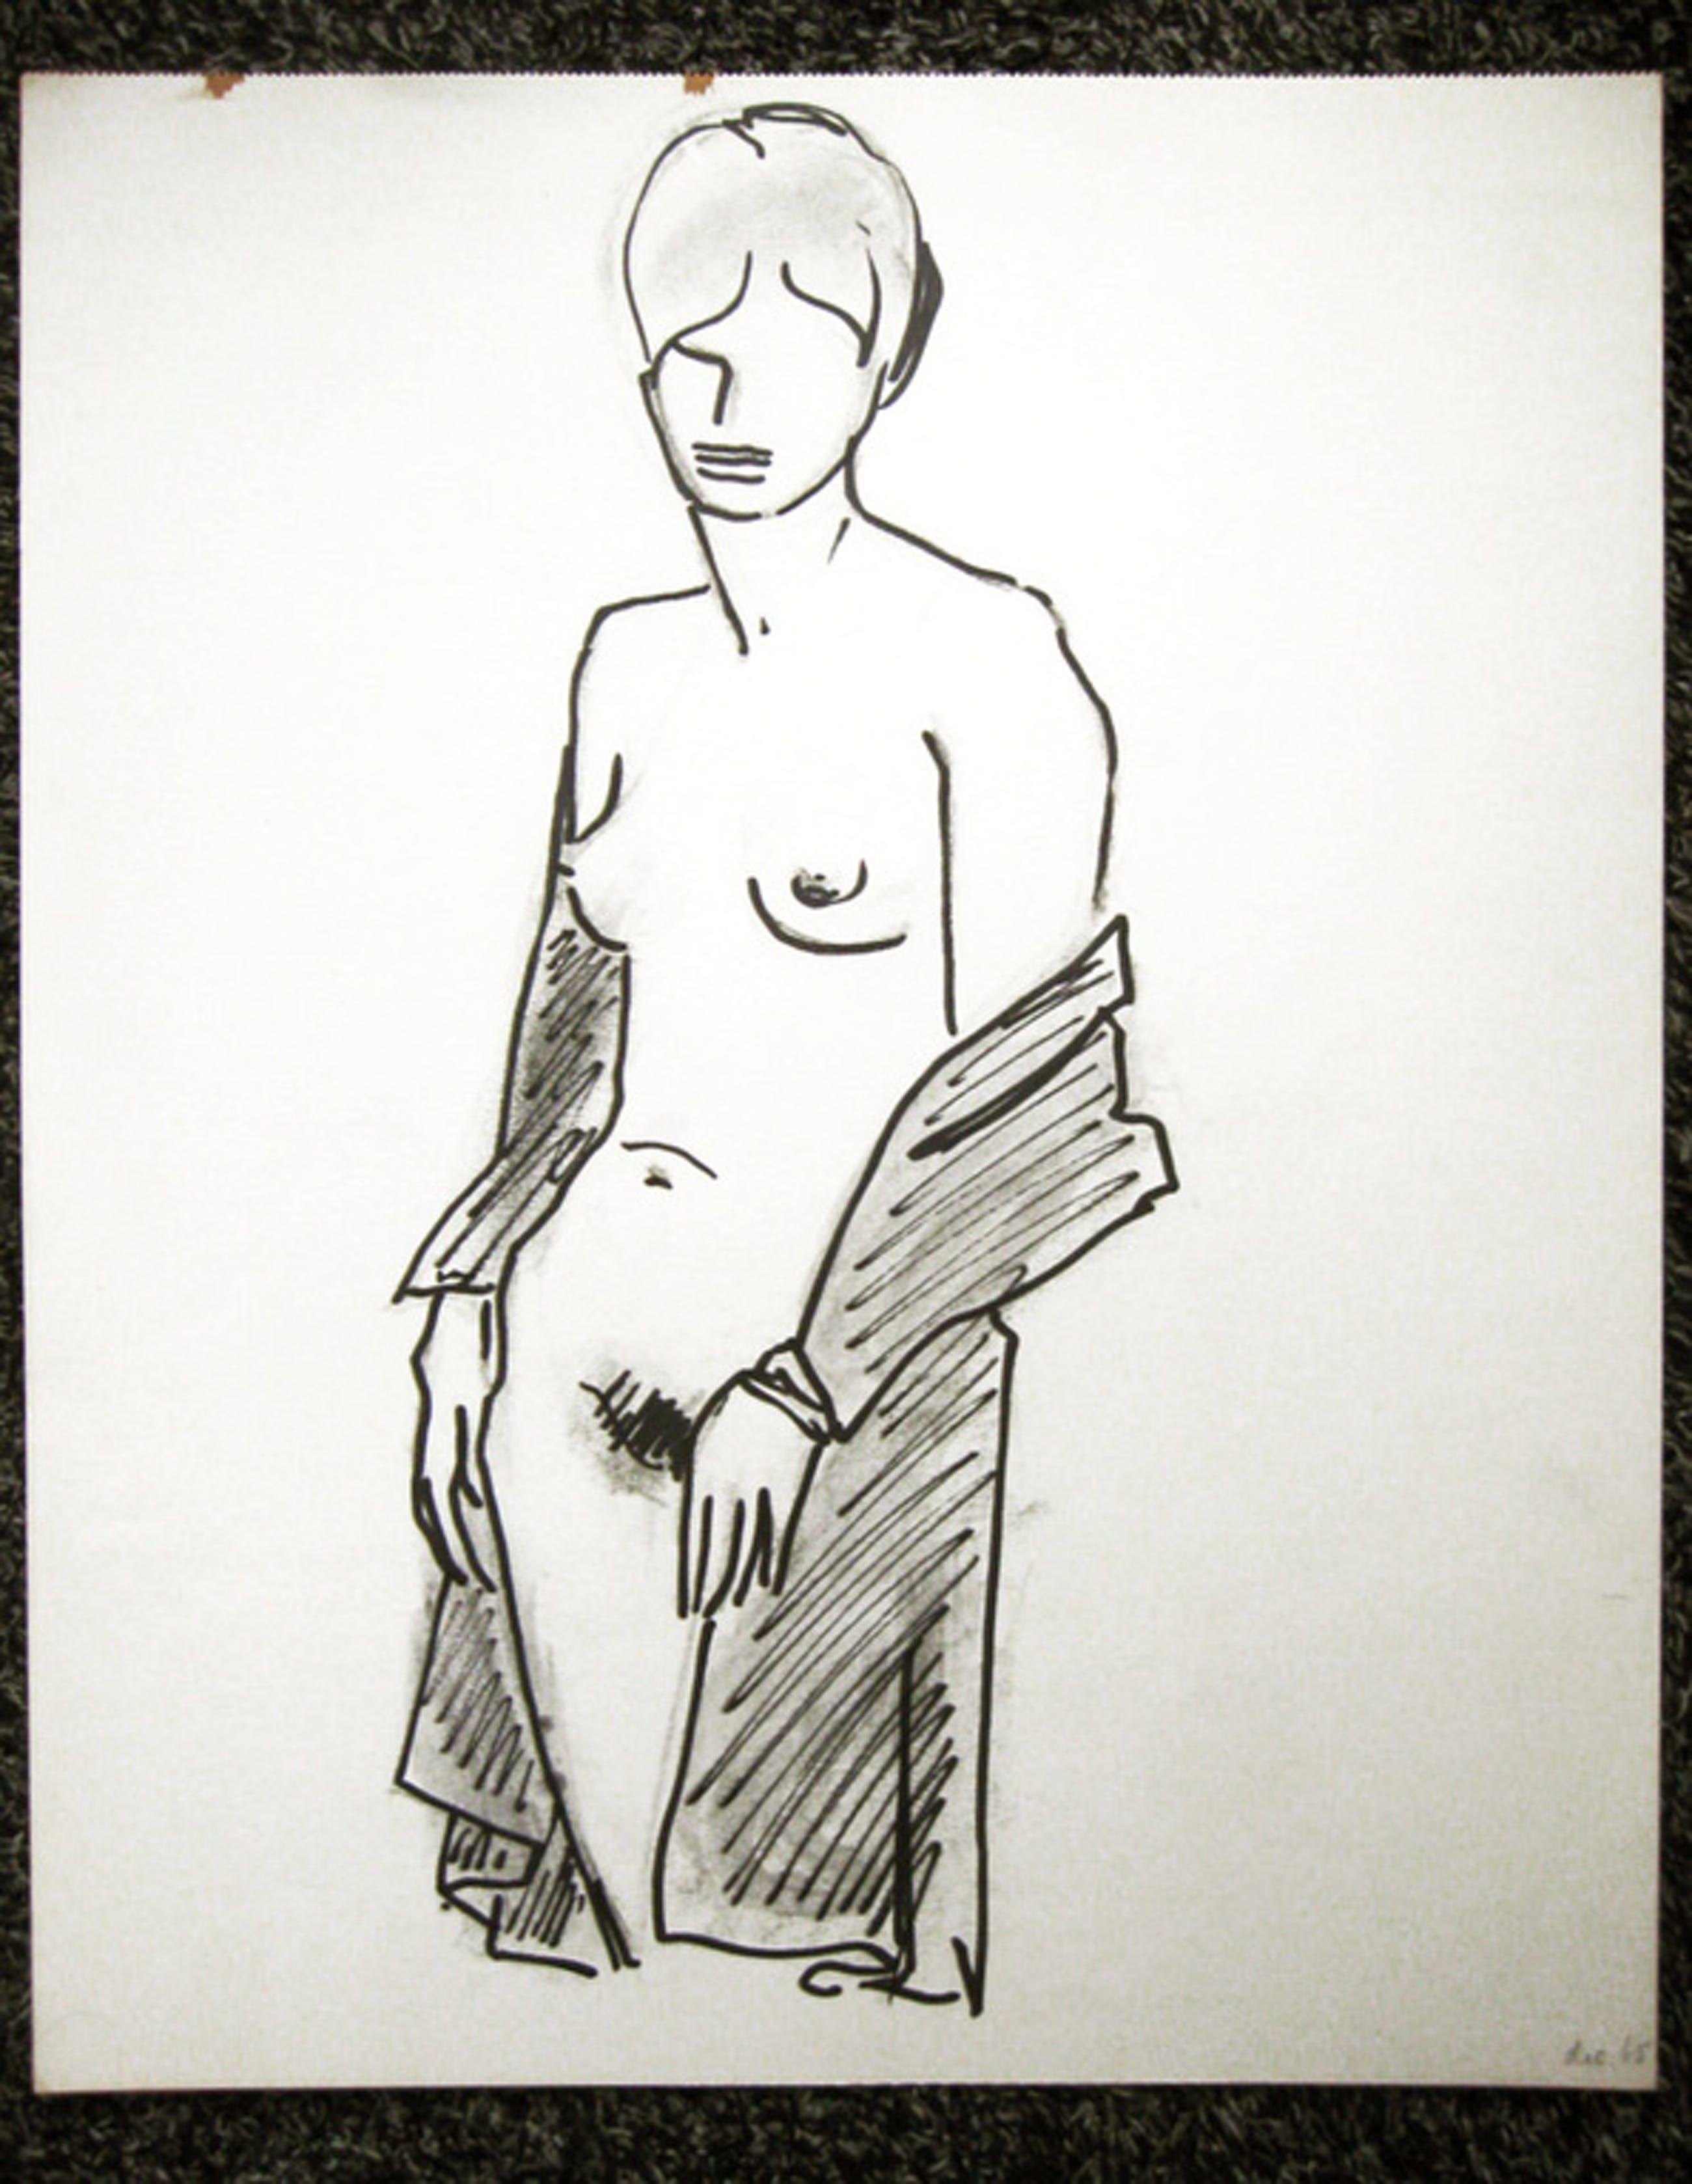 Staand vrouwelijk naakt - pen en potlood - Irene Joffroy 1965  kopen? Bied vanaf 35!